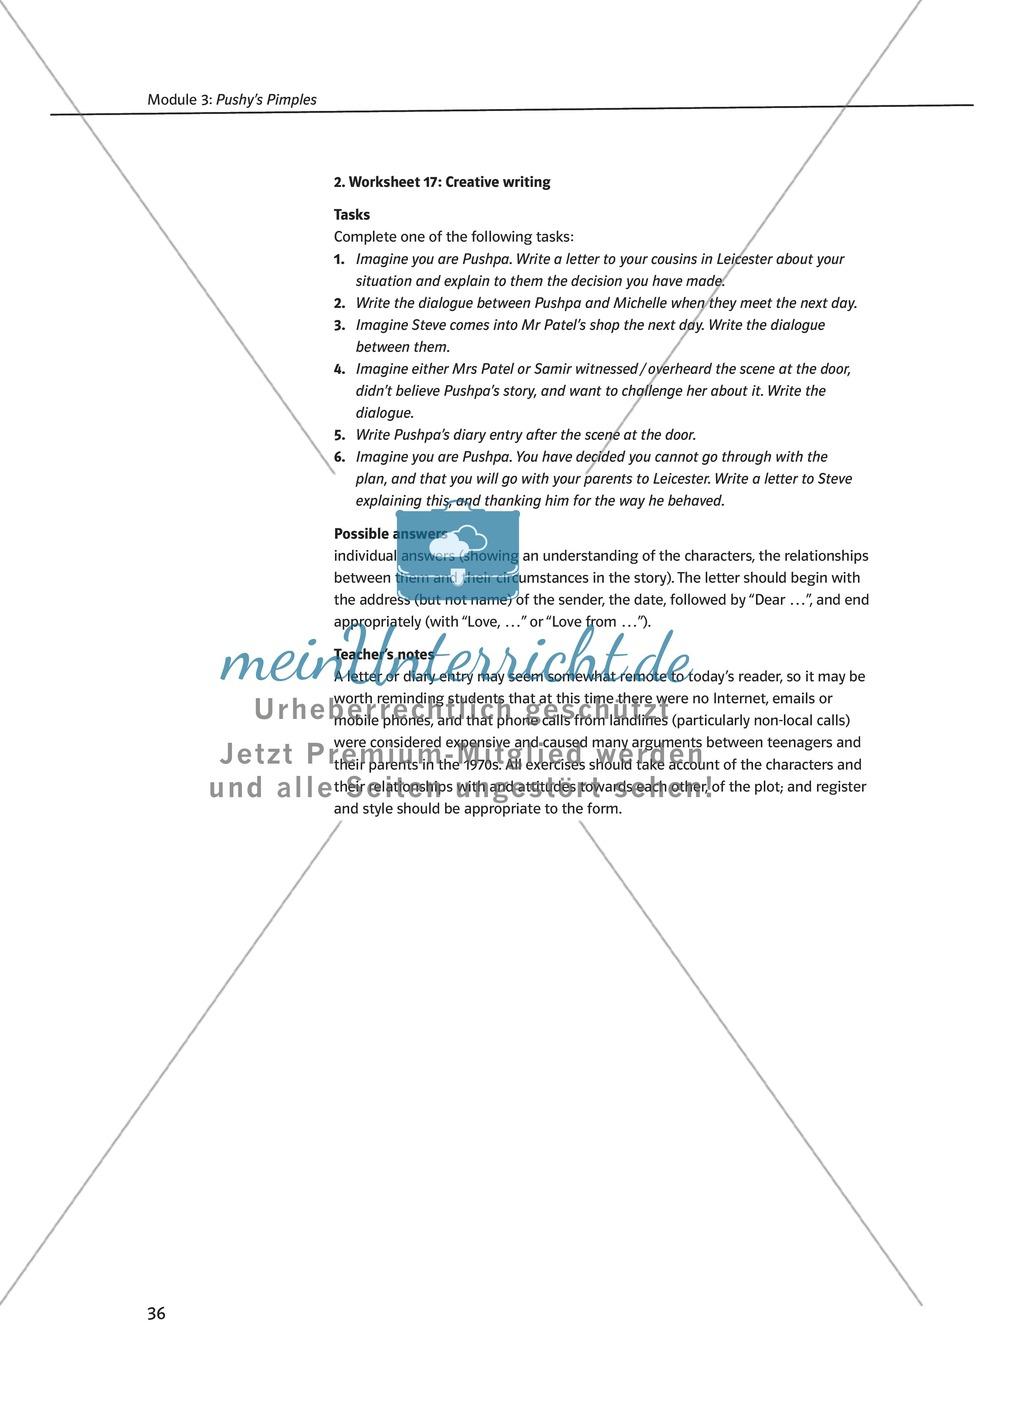 Pushy's Pimples: Zusammenfassung + Aufgaben + Arbeitsblätter Preview 9